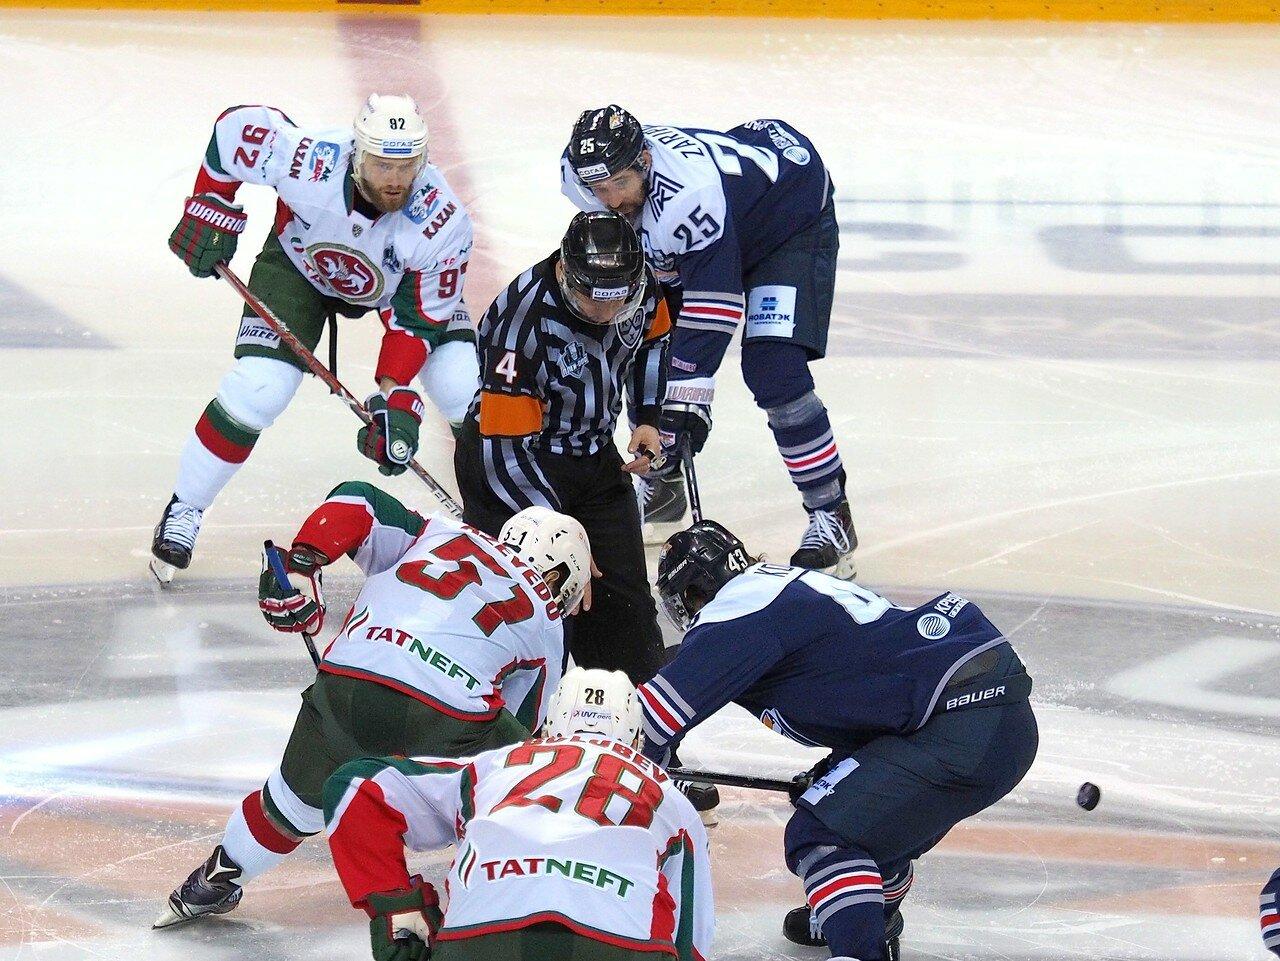 35 Первая игра финала плей-офф восточной конференции 2017 Металлург - АкБарс 24.03.2017